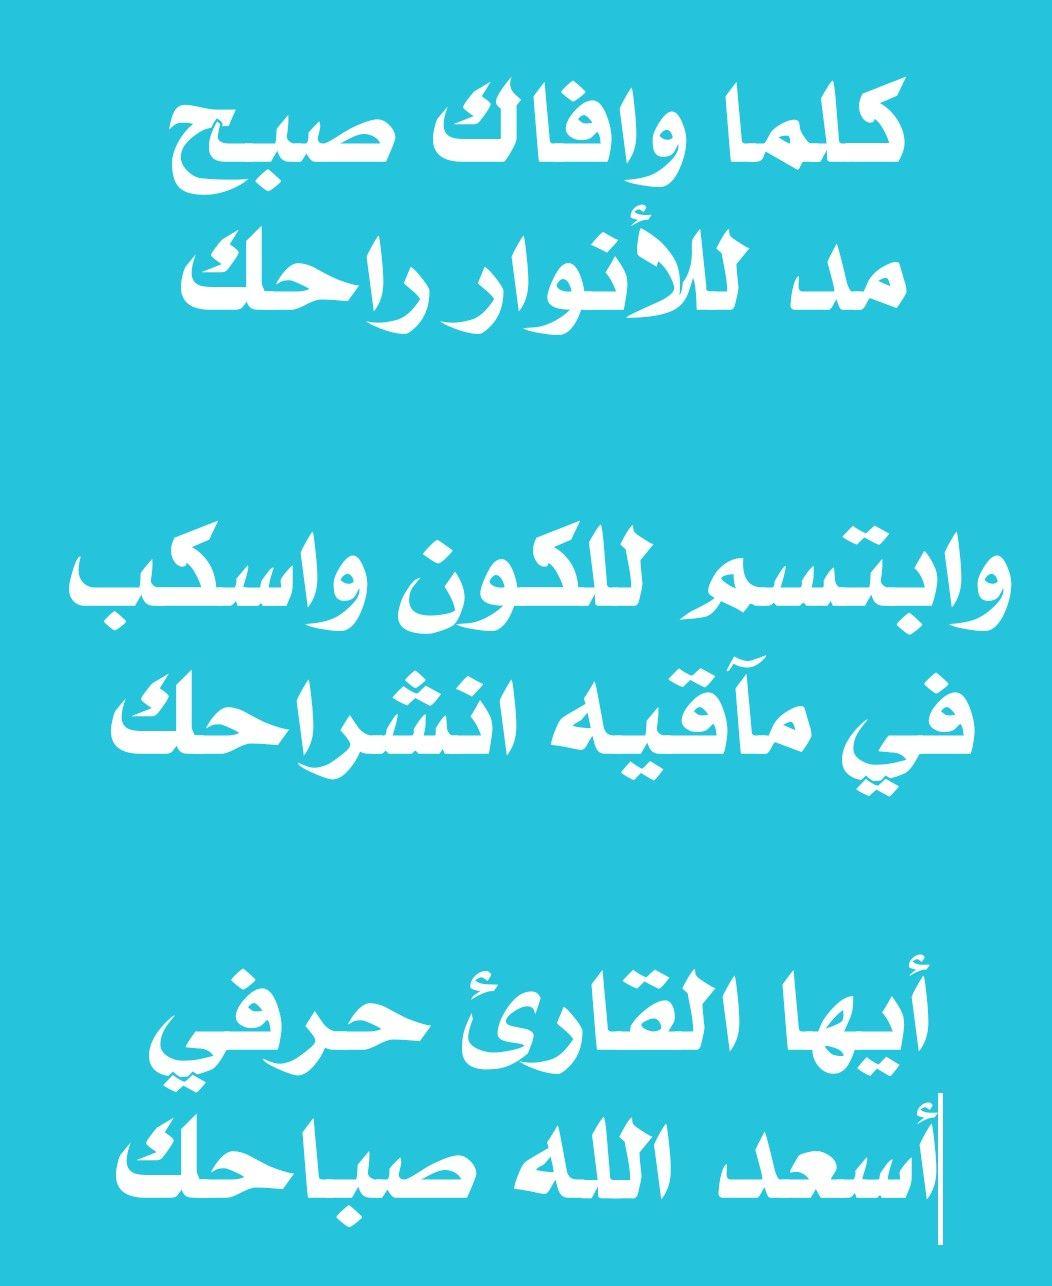 أسعد الله صباحكم وسائر أوقاتكم Arabic Words Words Quotes